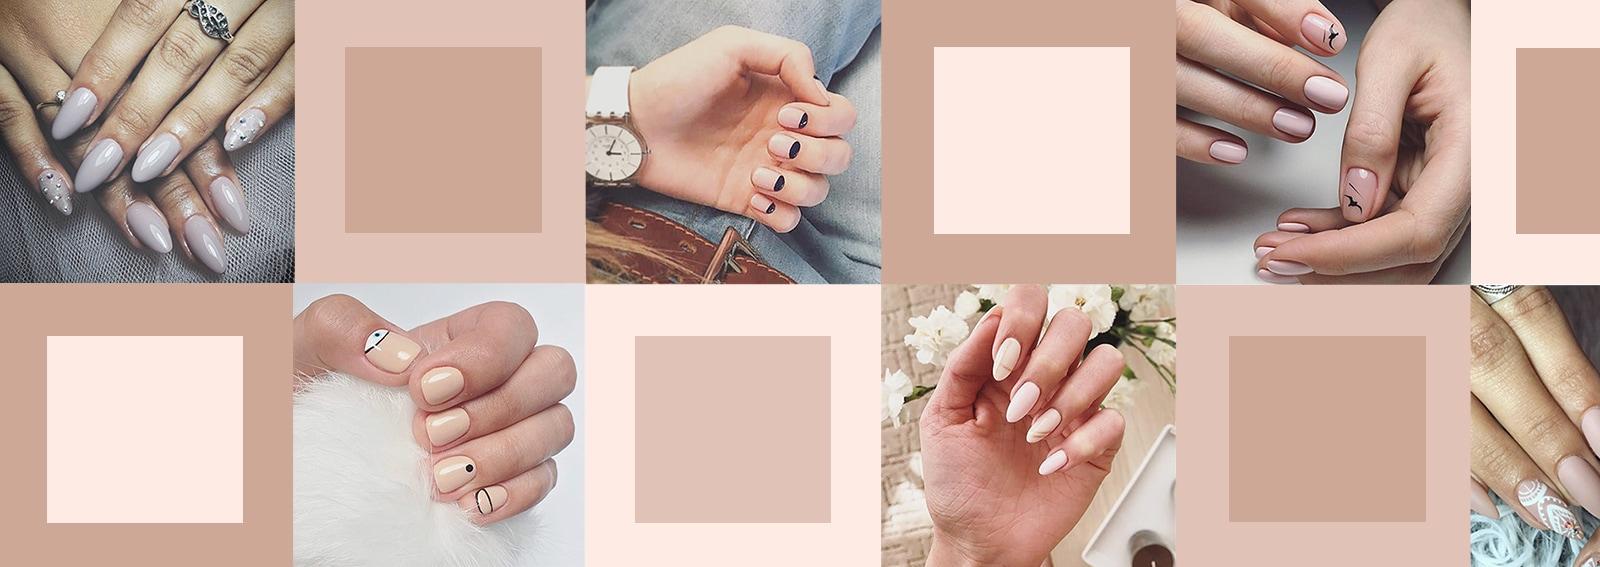 nail art nude le proposte piu chic da copiare collage_desktop